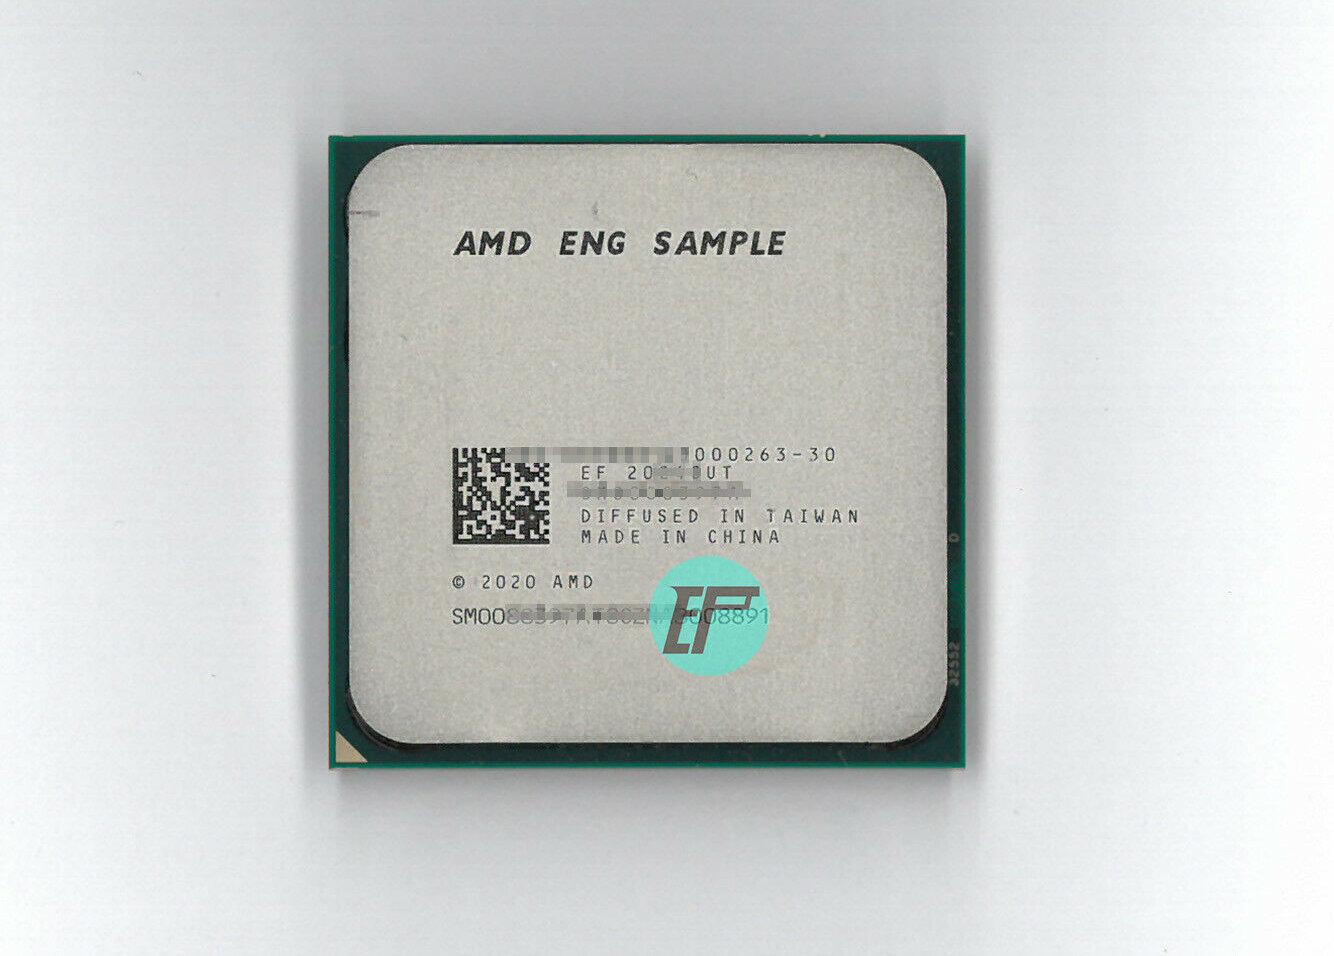 Инженерный образец AMD Ryzen 7 5700G появился на eBay